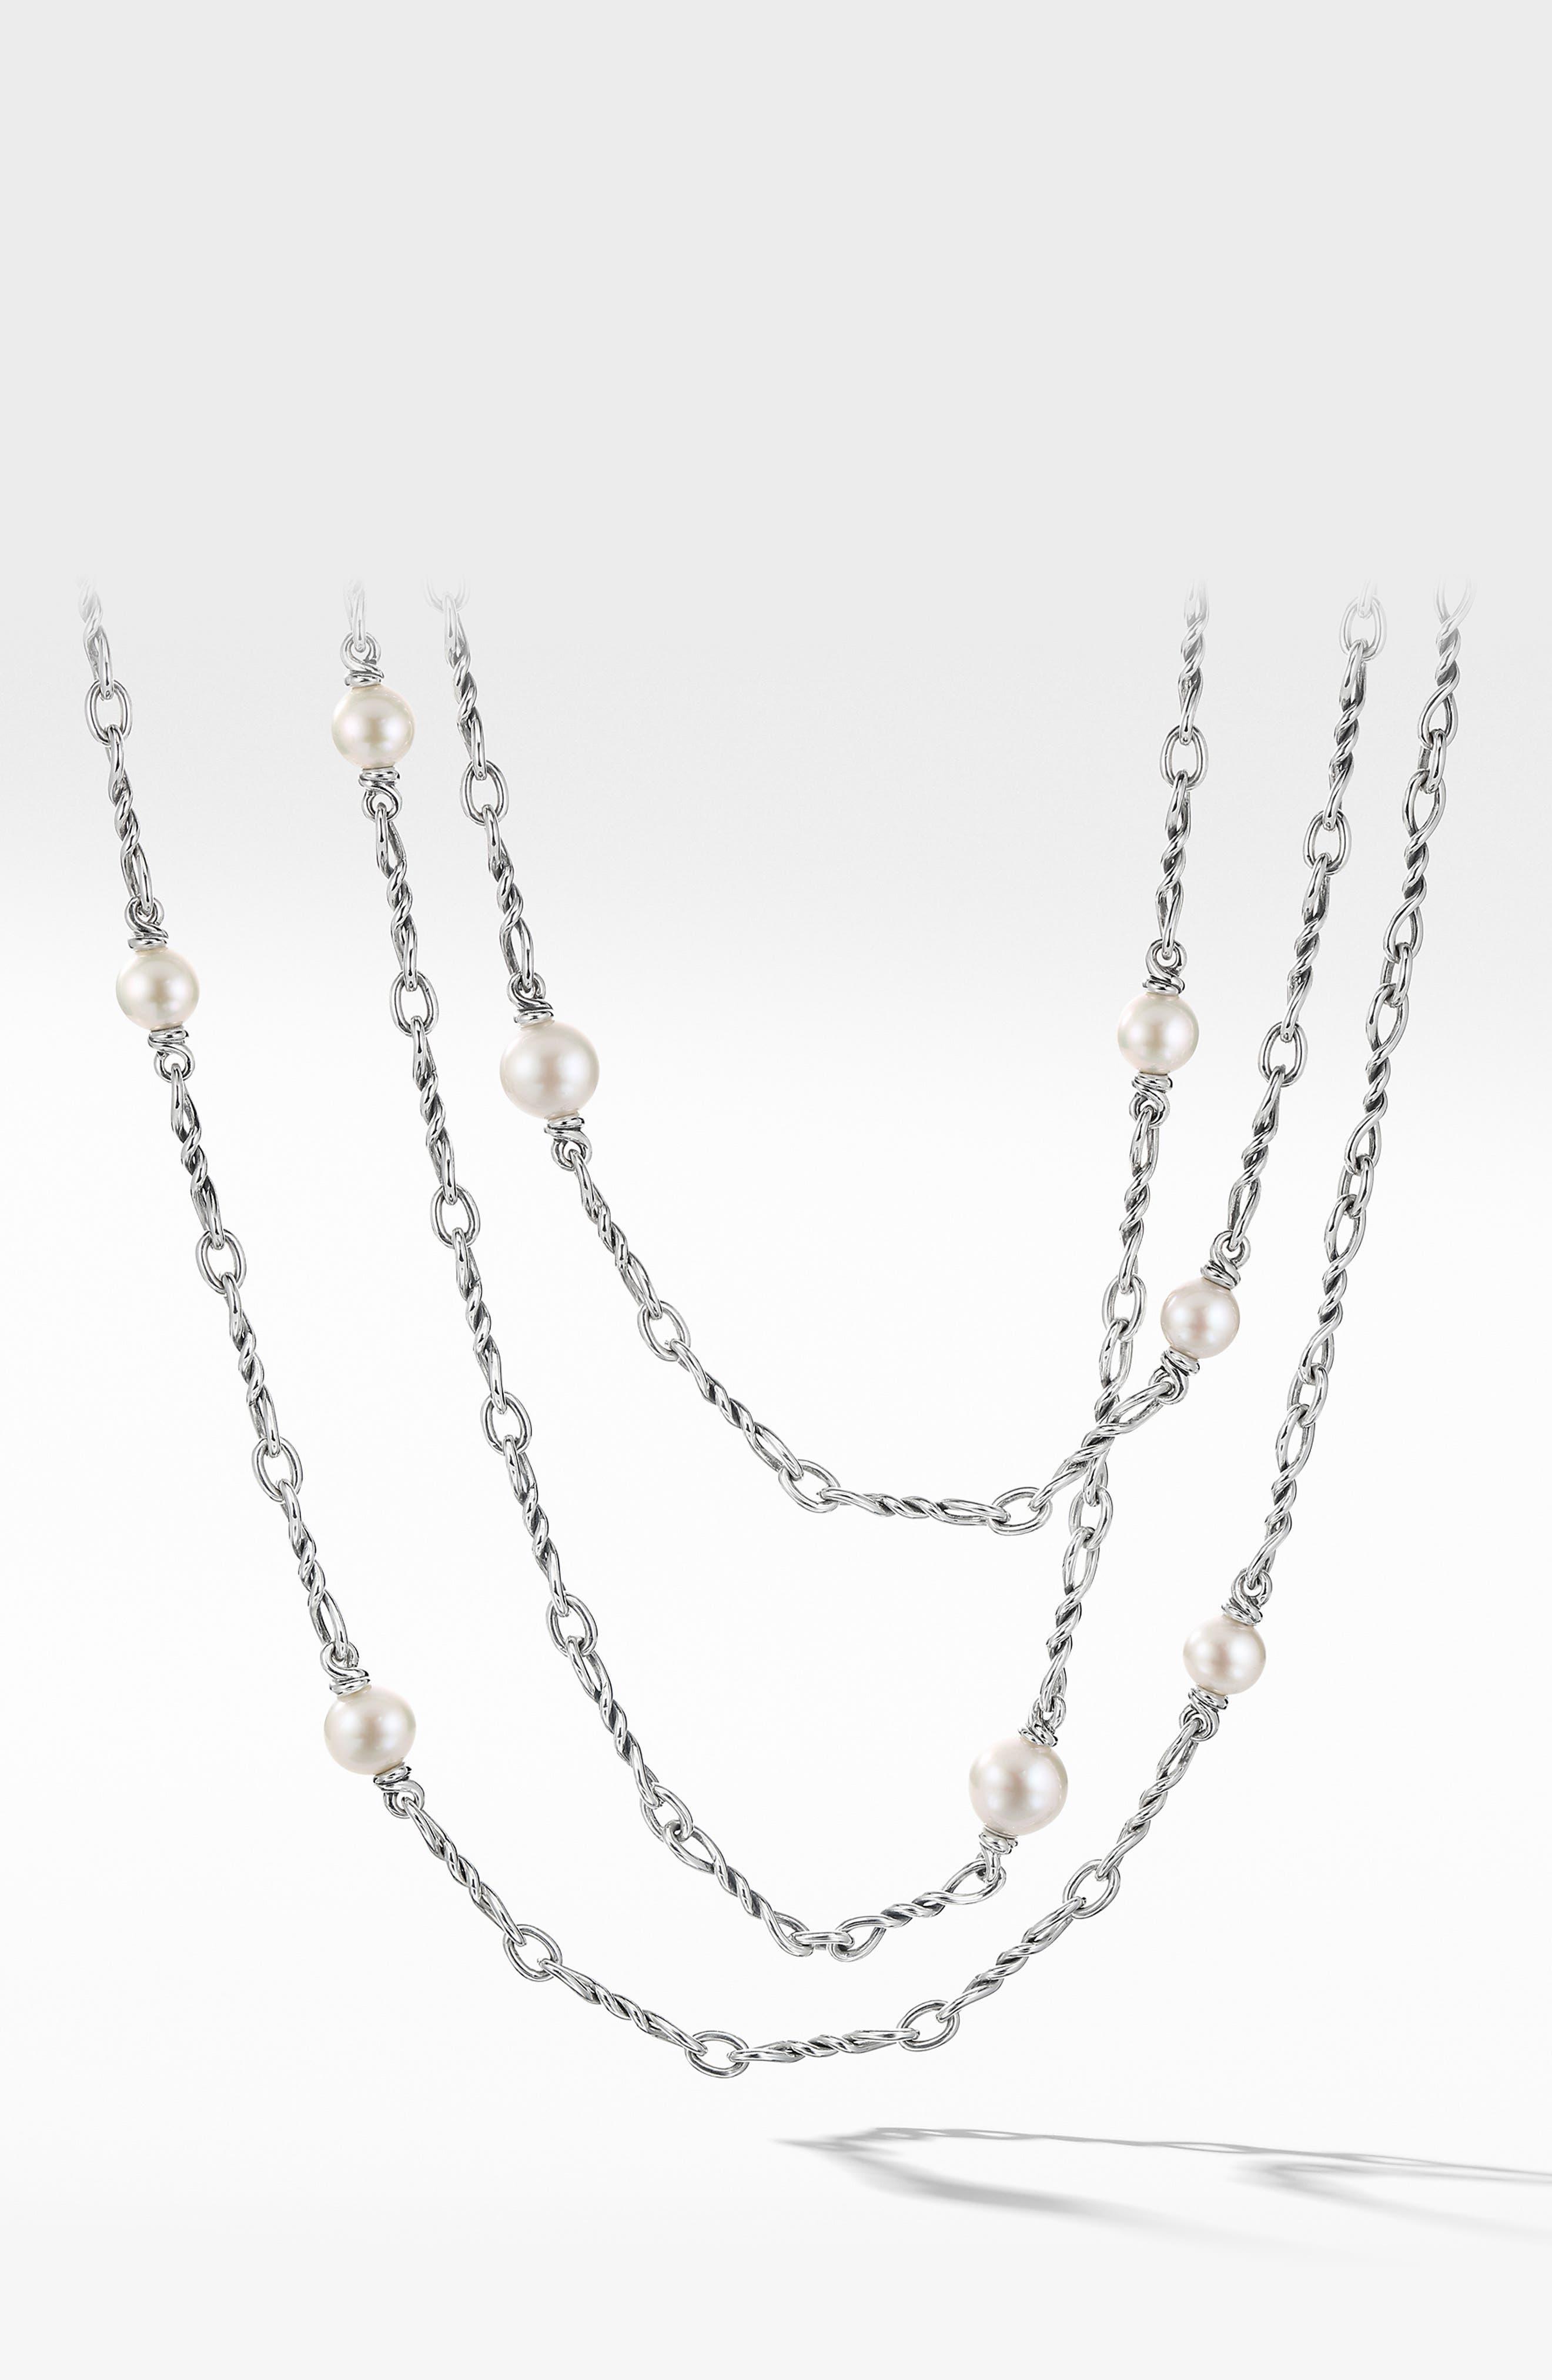 DAVID YURMAN Continuance Pearl Small Chain Necklace, Main, color, SILVER/ PEARL